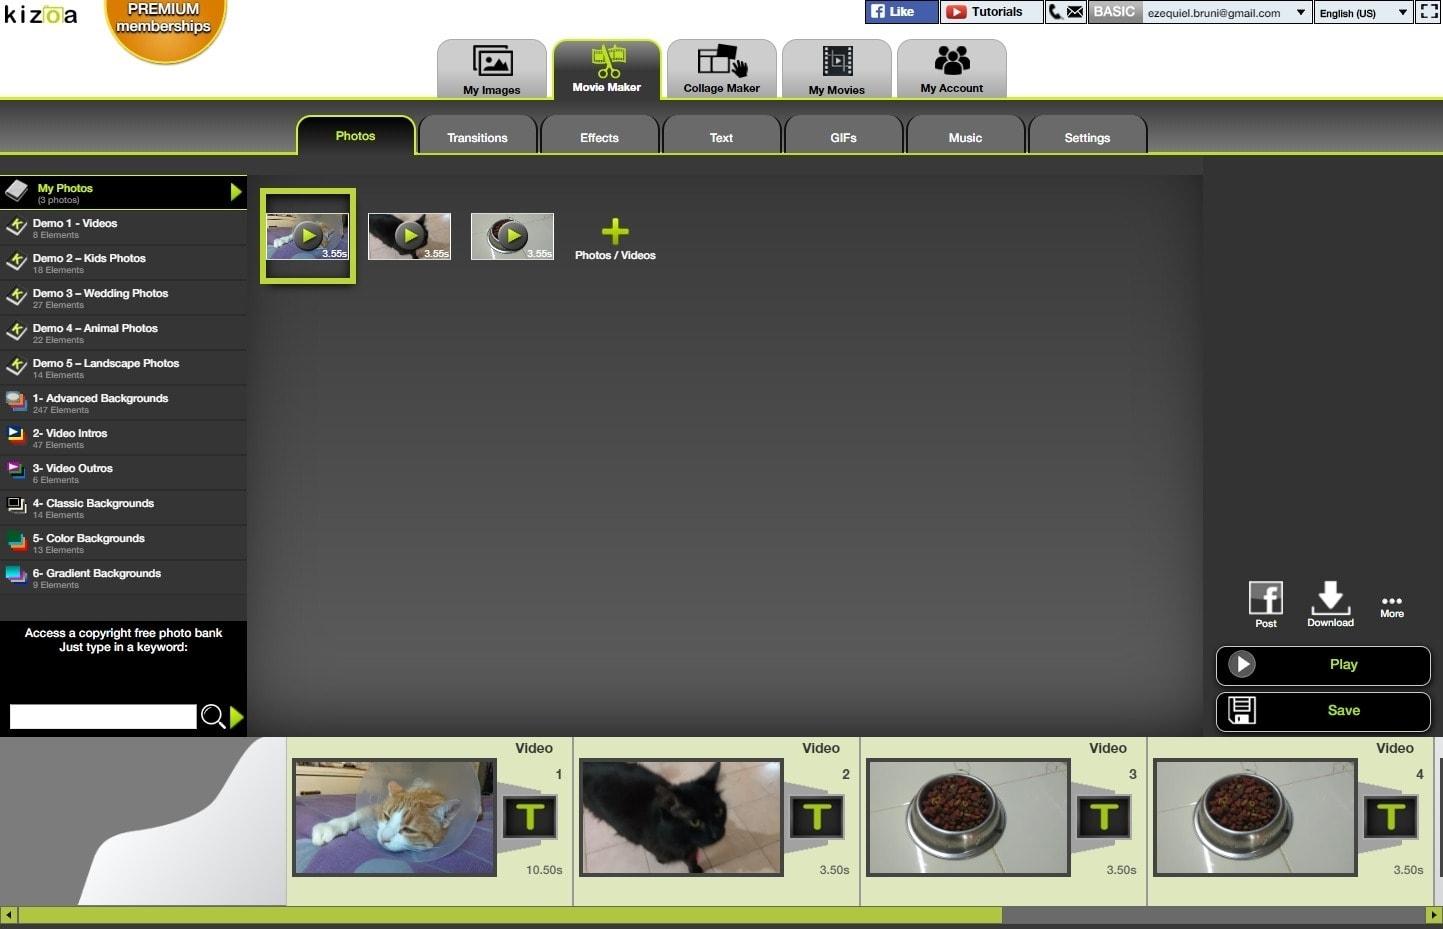 best online video editors - kizoa